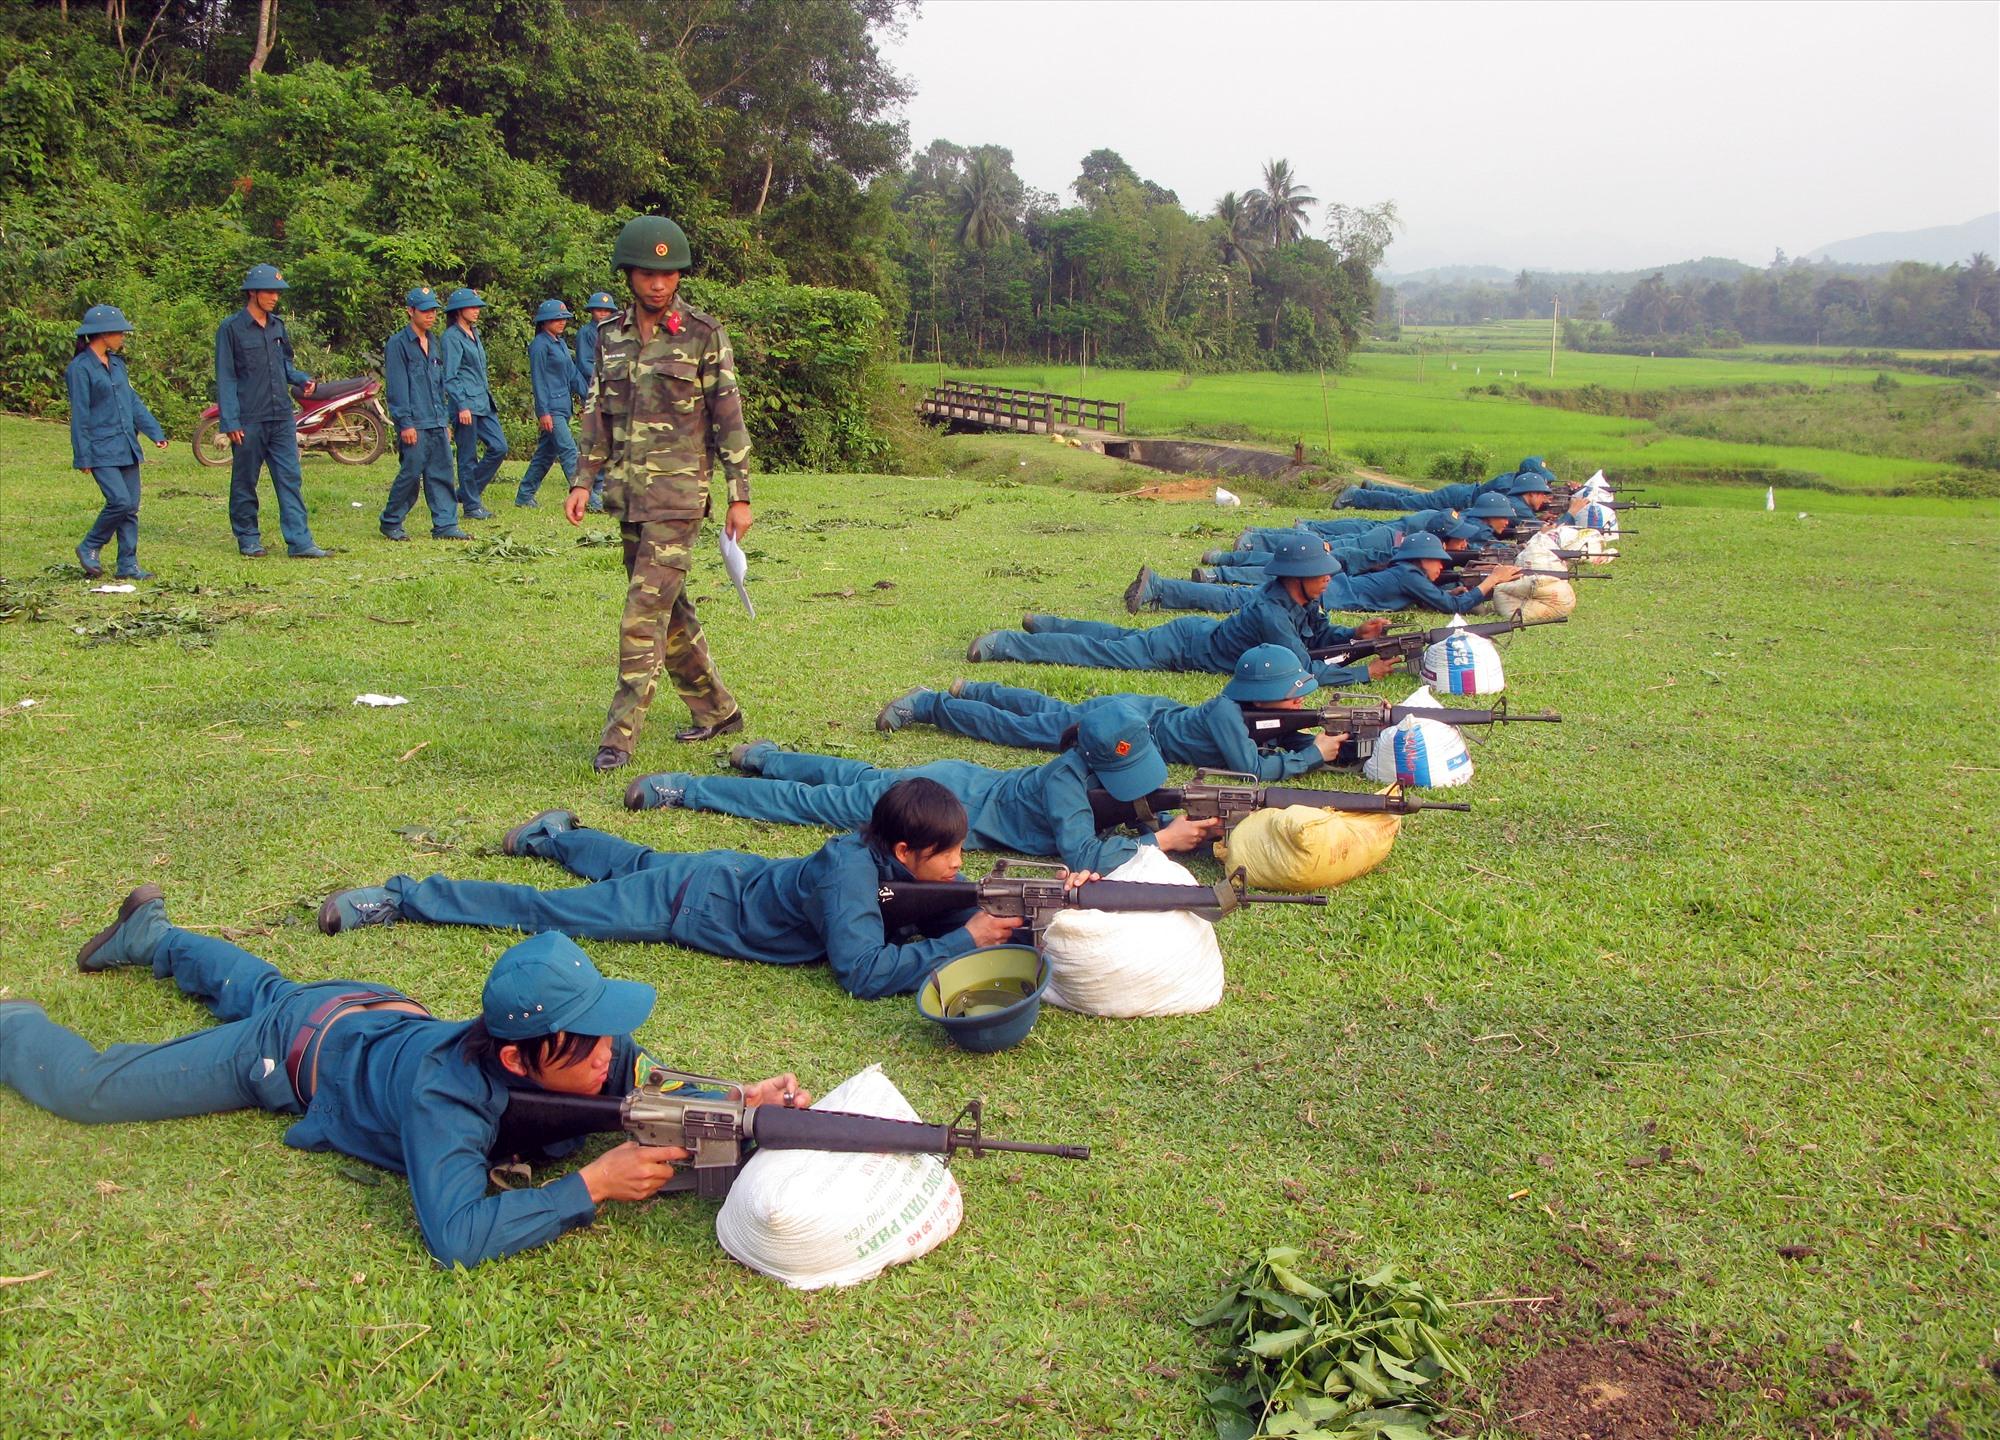 Lực lượng vũ trang huyện Tiên Phước ra sức thi đua huấn luyện giỏi, kỷ luật nghiêm, sẵn sàng chiến đấu cao. Ảnh: D.L